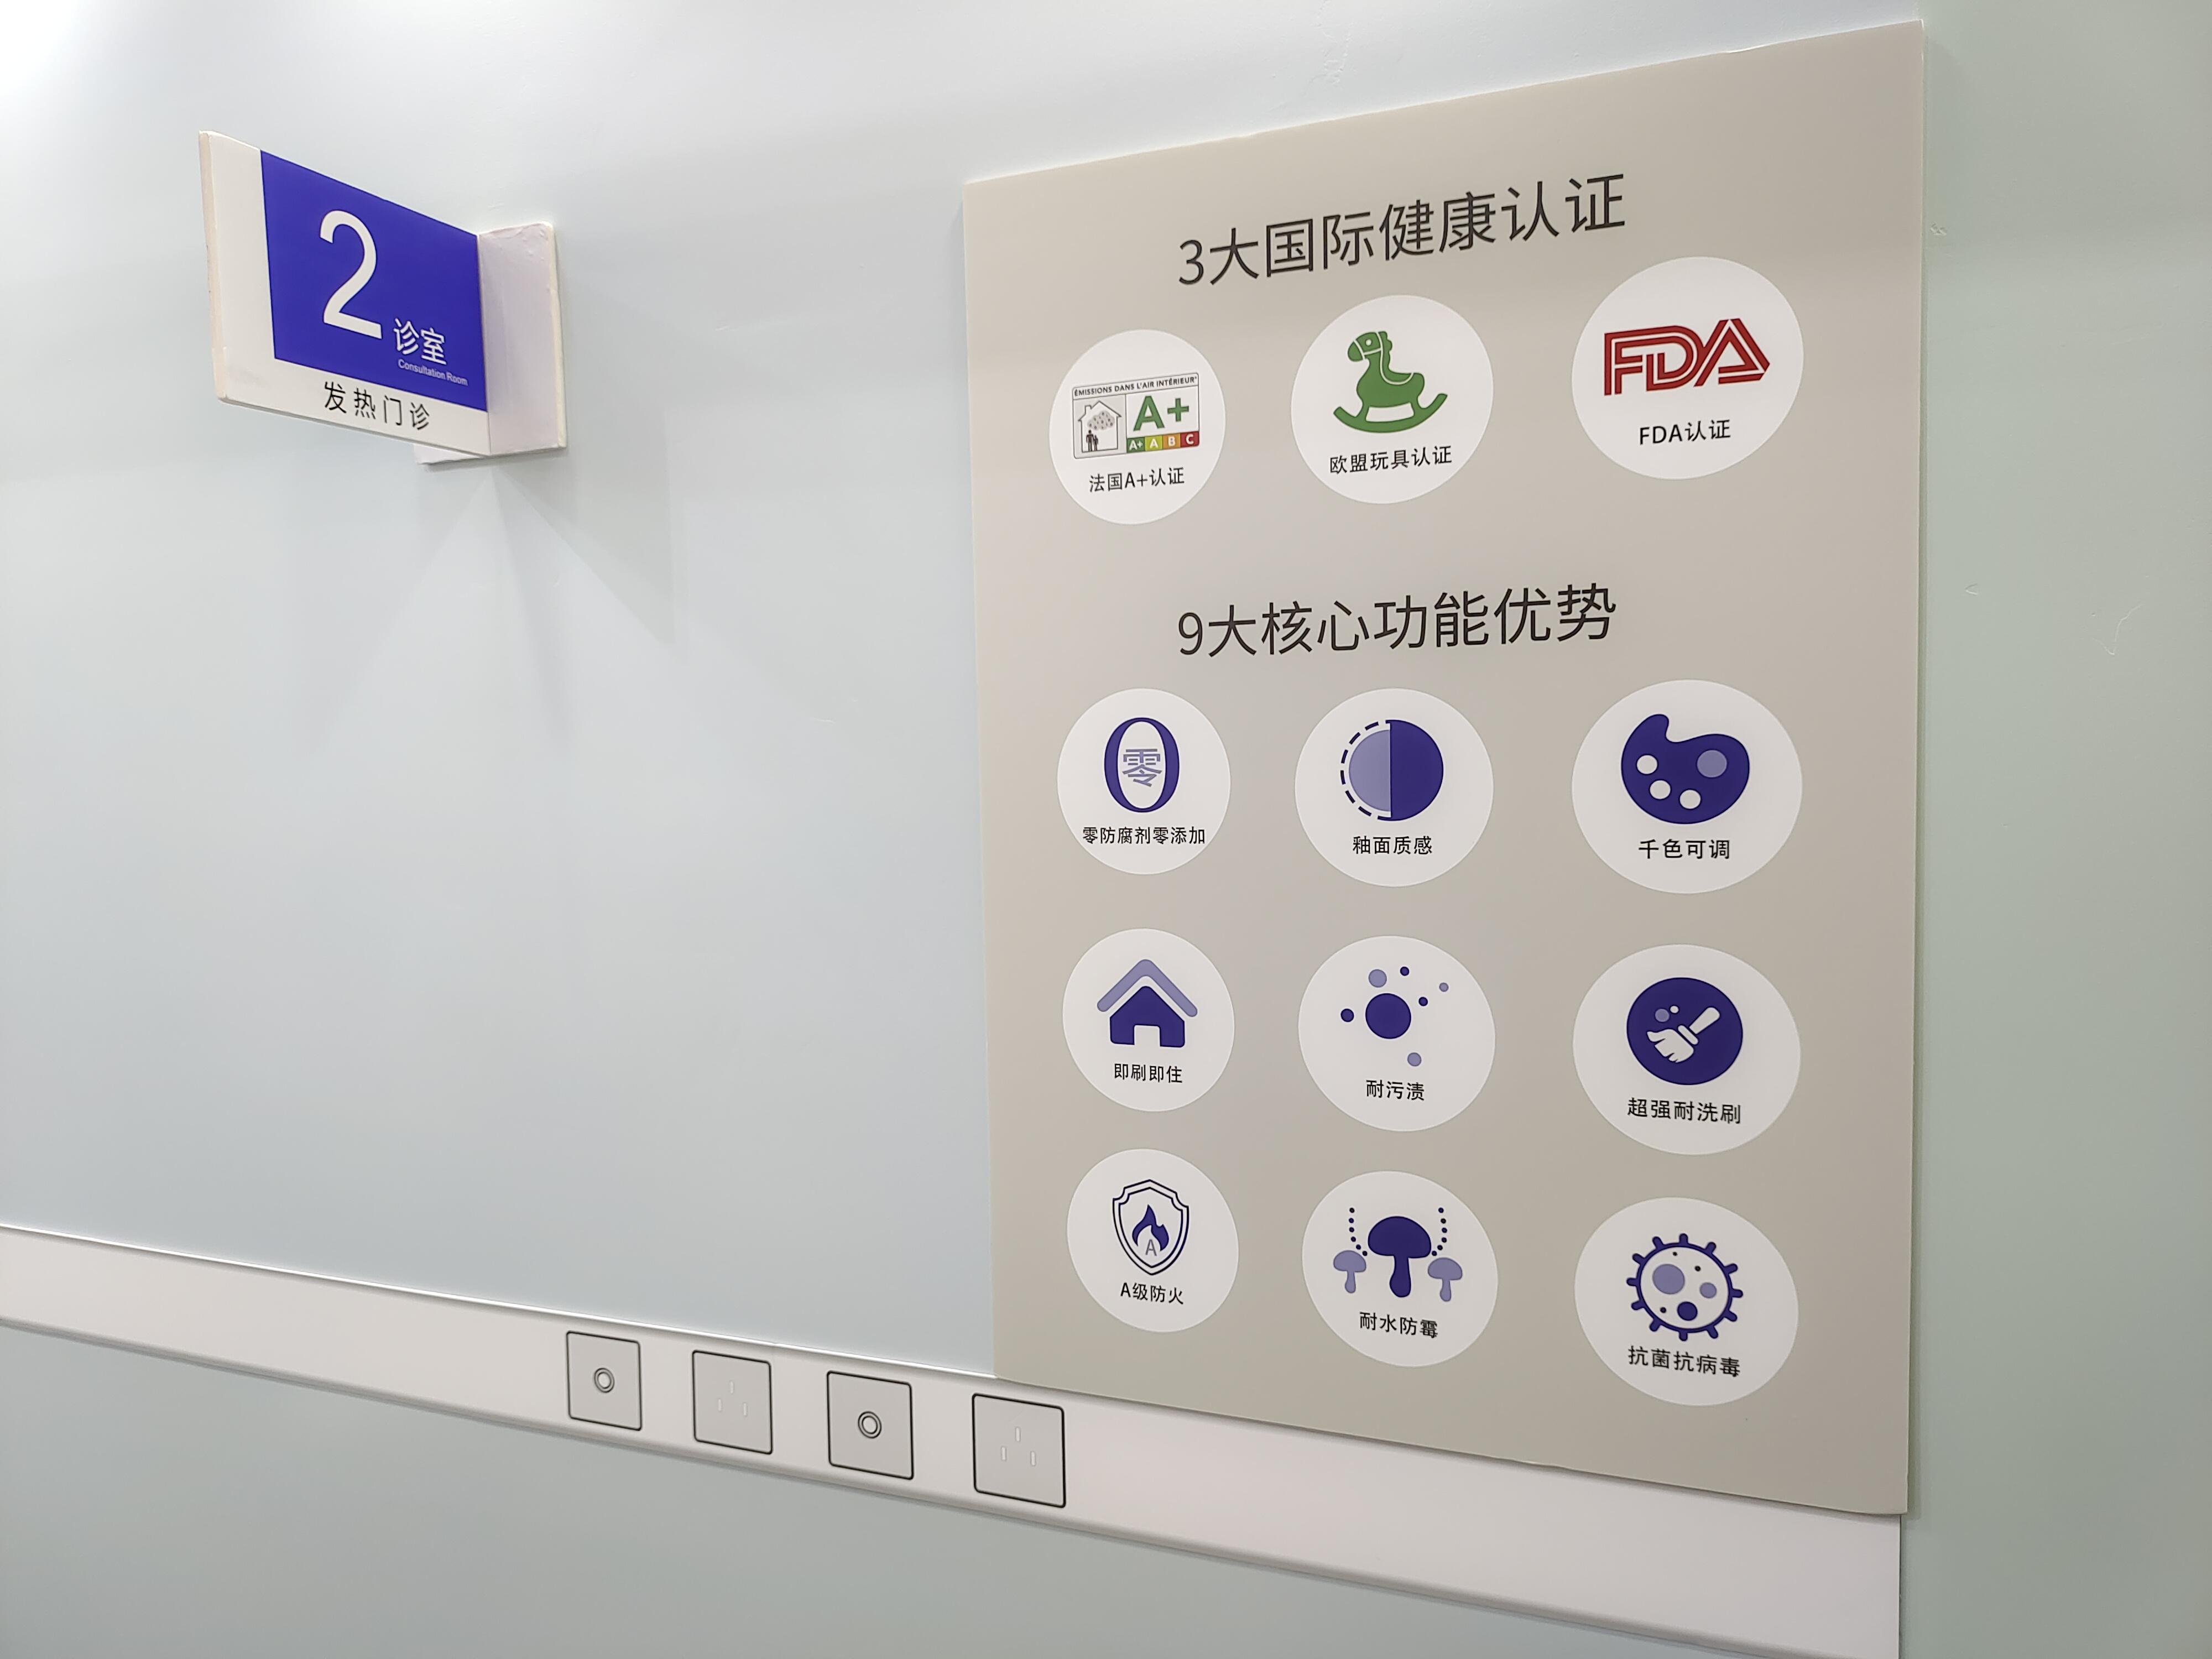 寰俊鍥剧墖_20211014182514.jpg